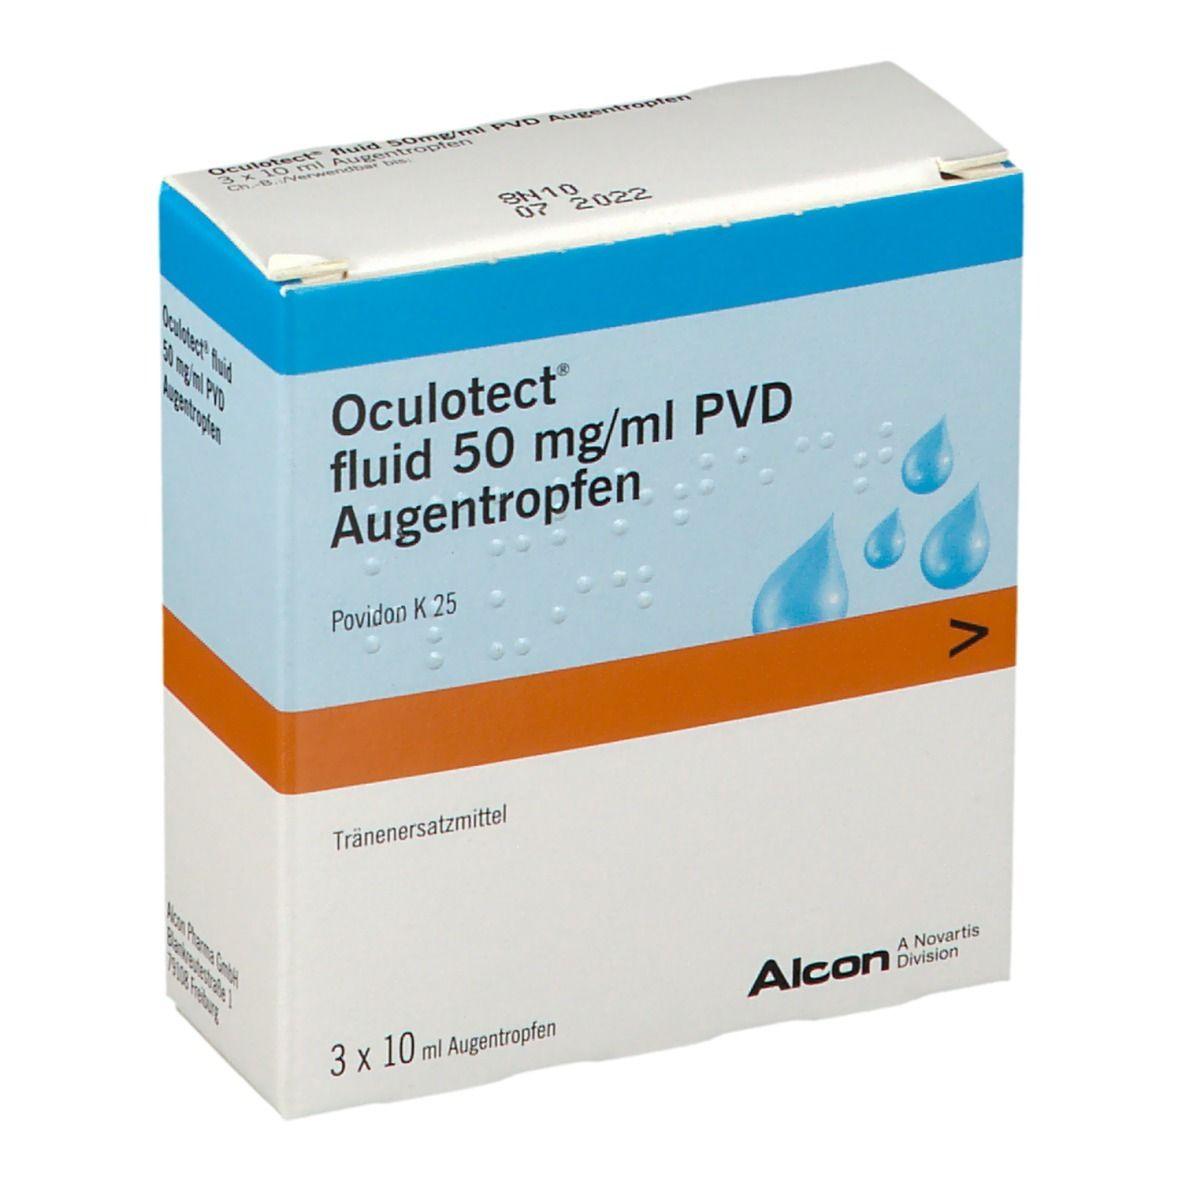 Oculotect® fluid PVD